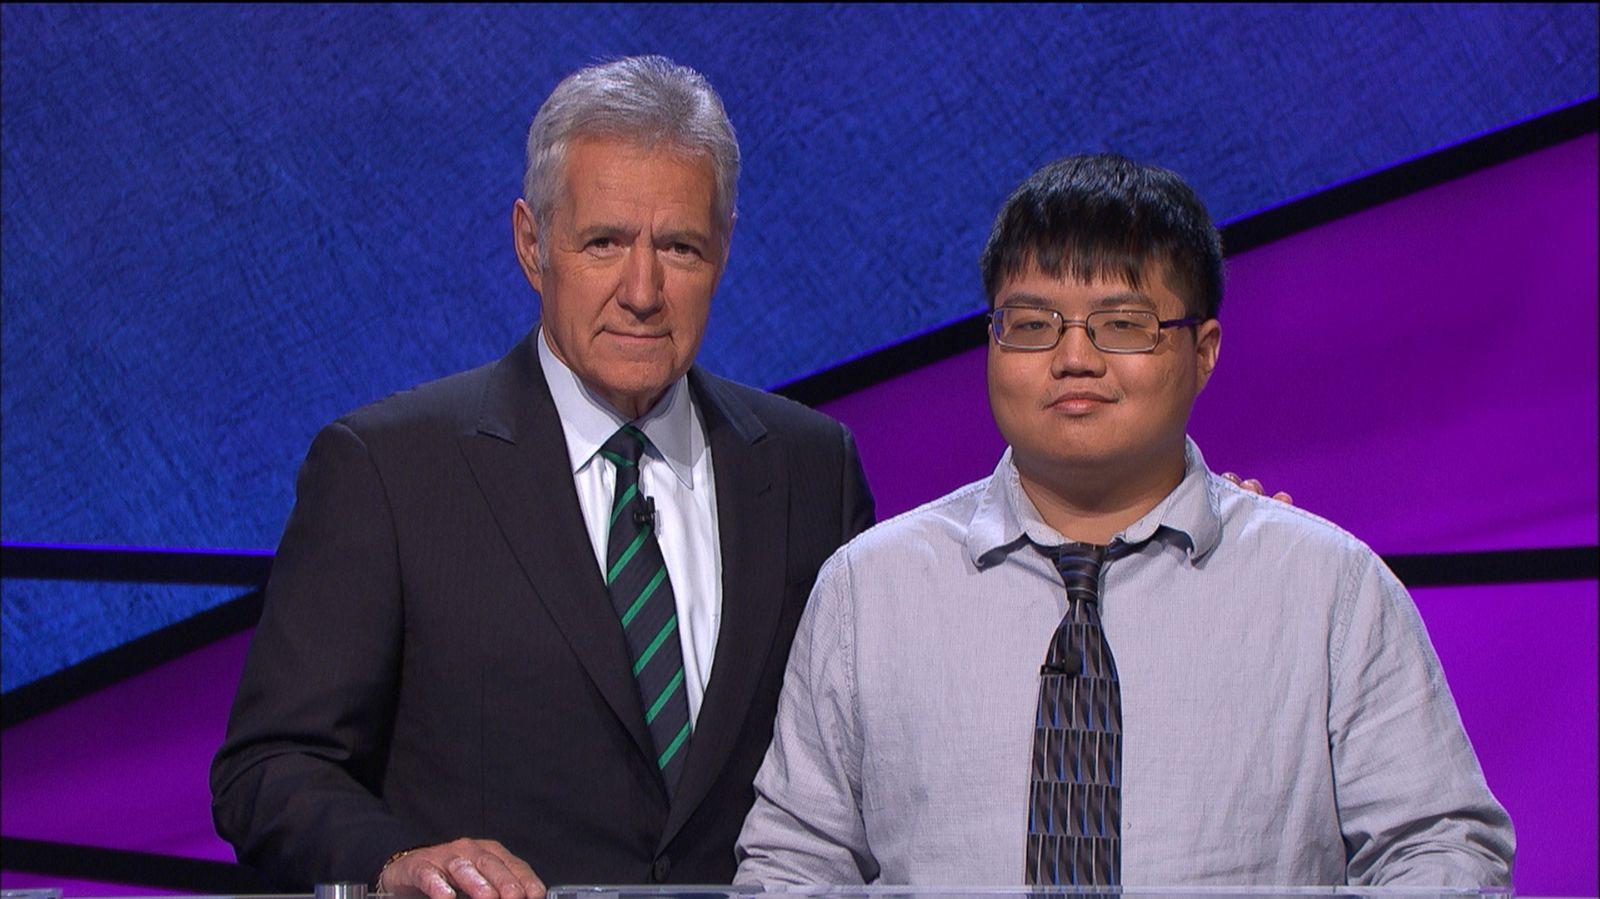 See Alex Trebek Play Jeopardy